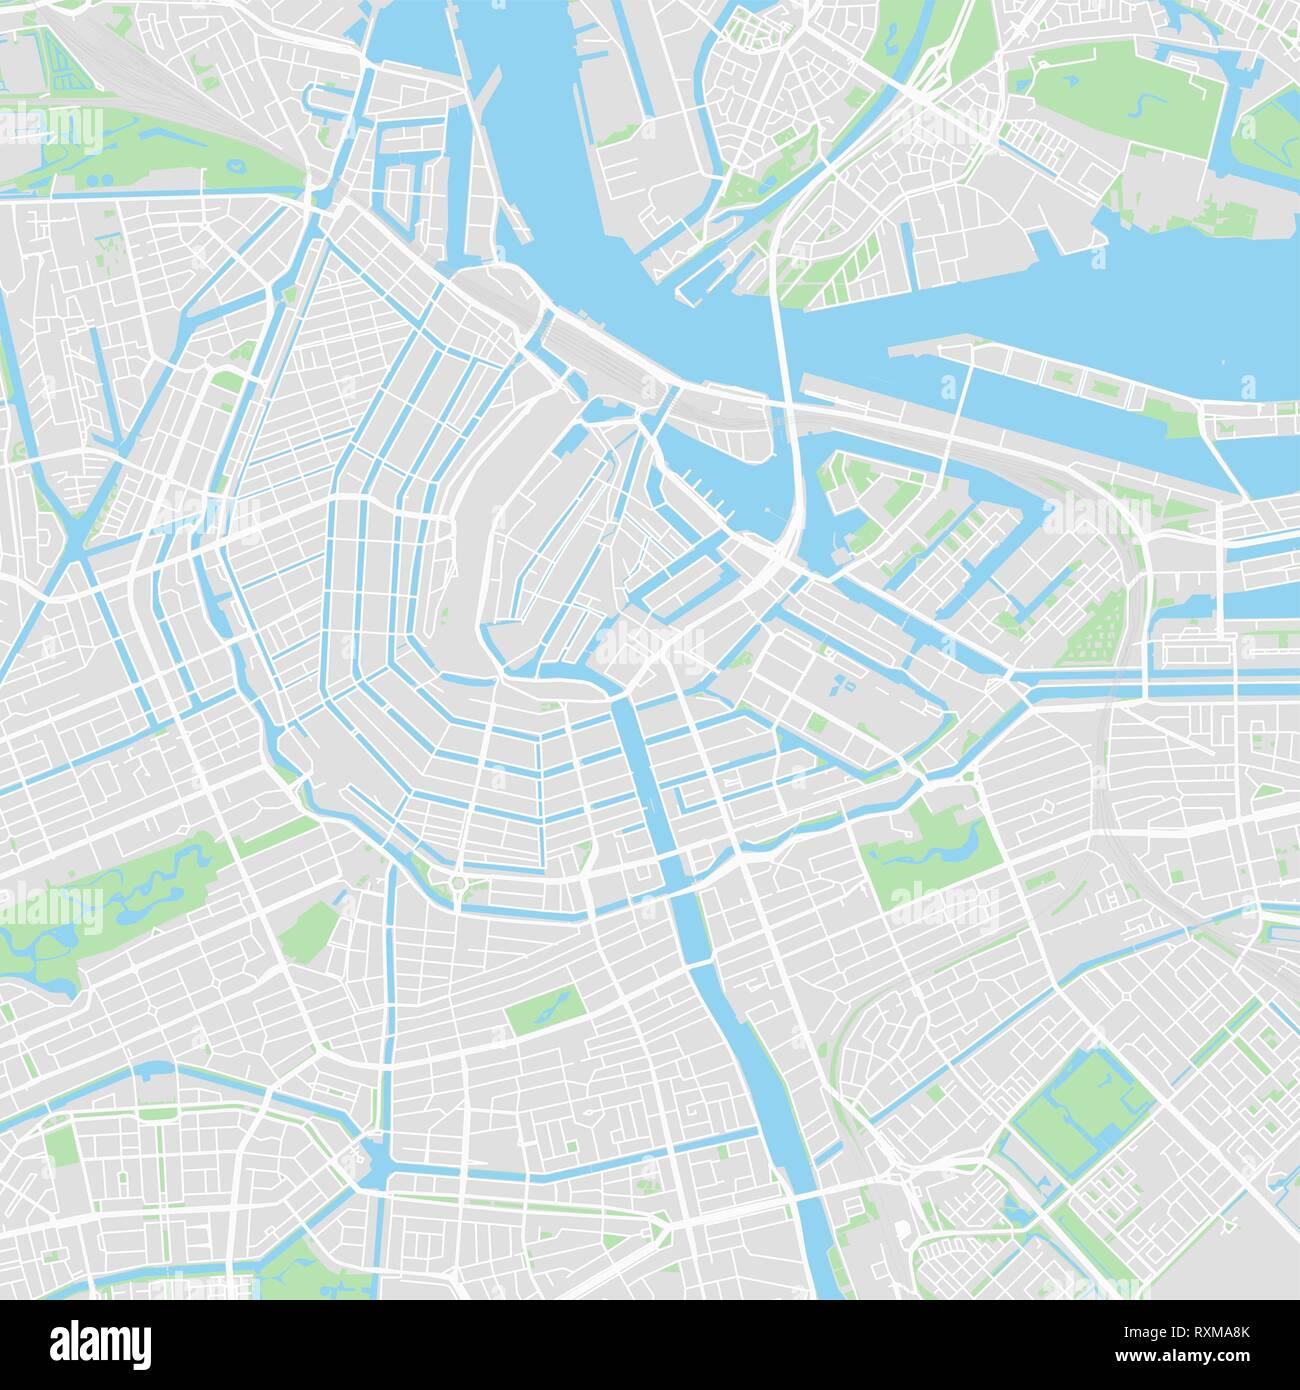 Mapa De Amsterdam Centro.Mapa De Vectores En El Centro De Amsterdam Paises Bajos Este Mapa De Amsterdam Contiene Lineas Y Formas De Colores Clasicos Para La Masa De Tierra Parques De Agua Imagen Vector De